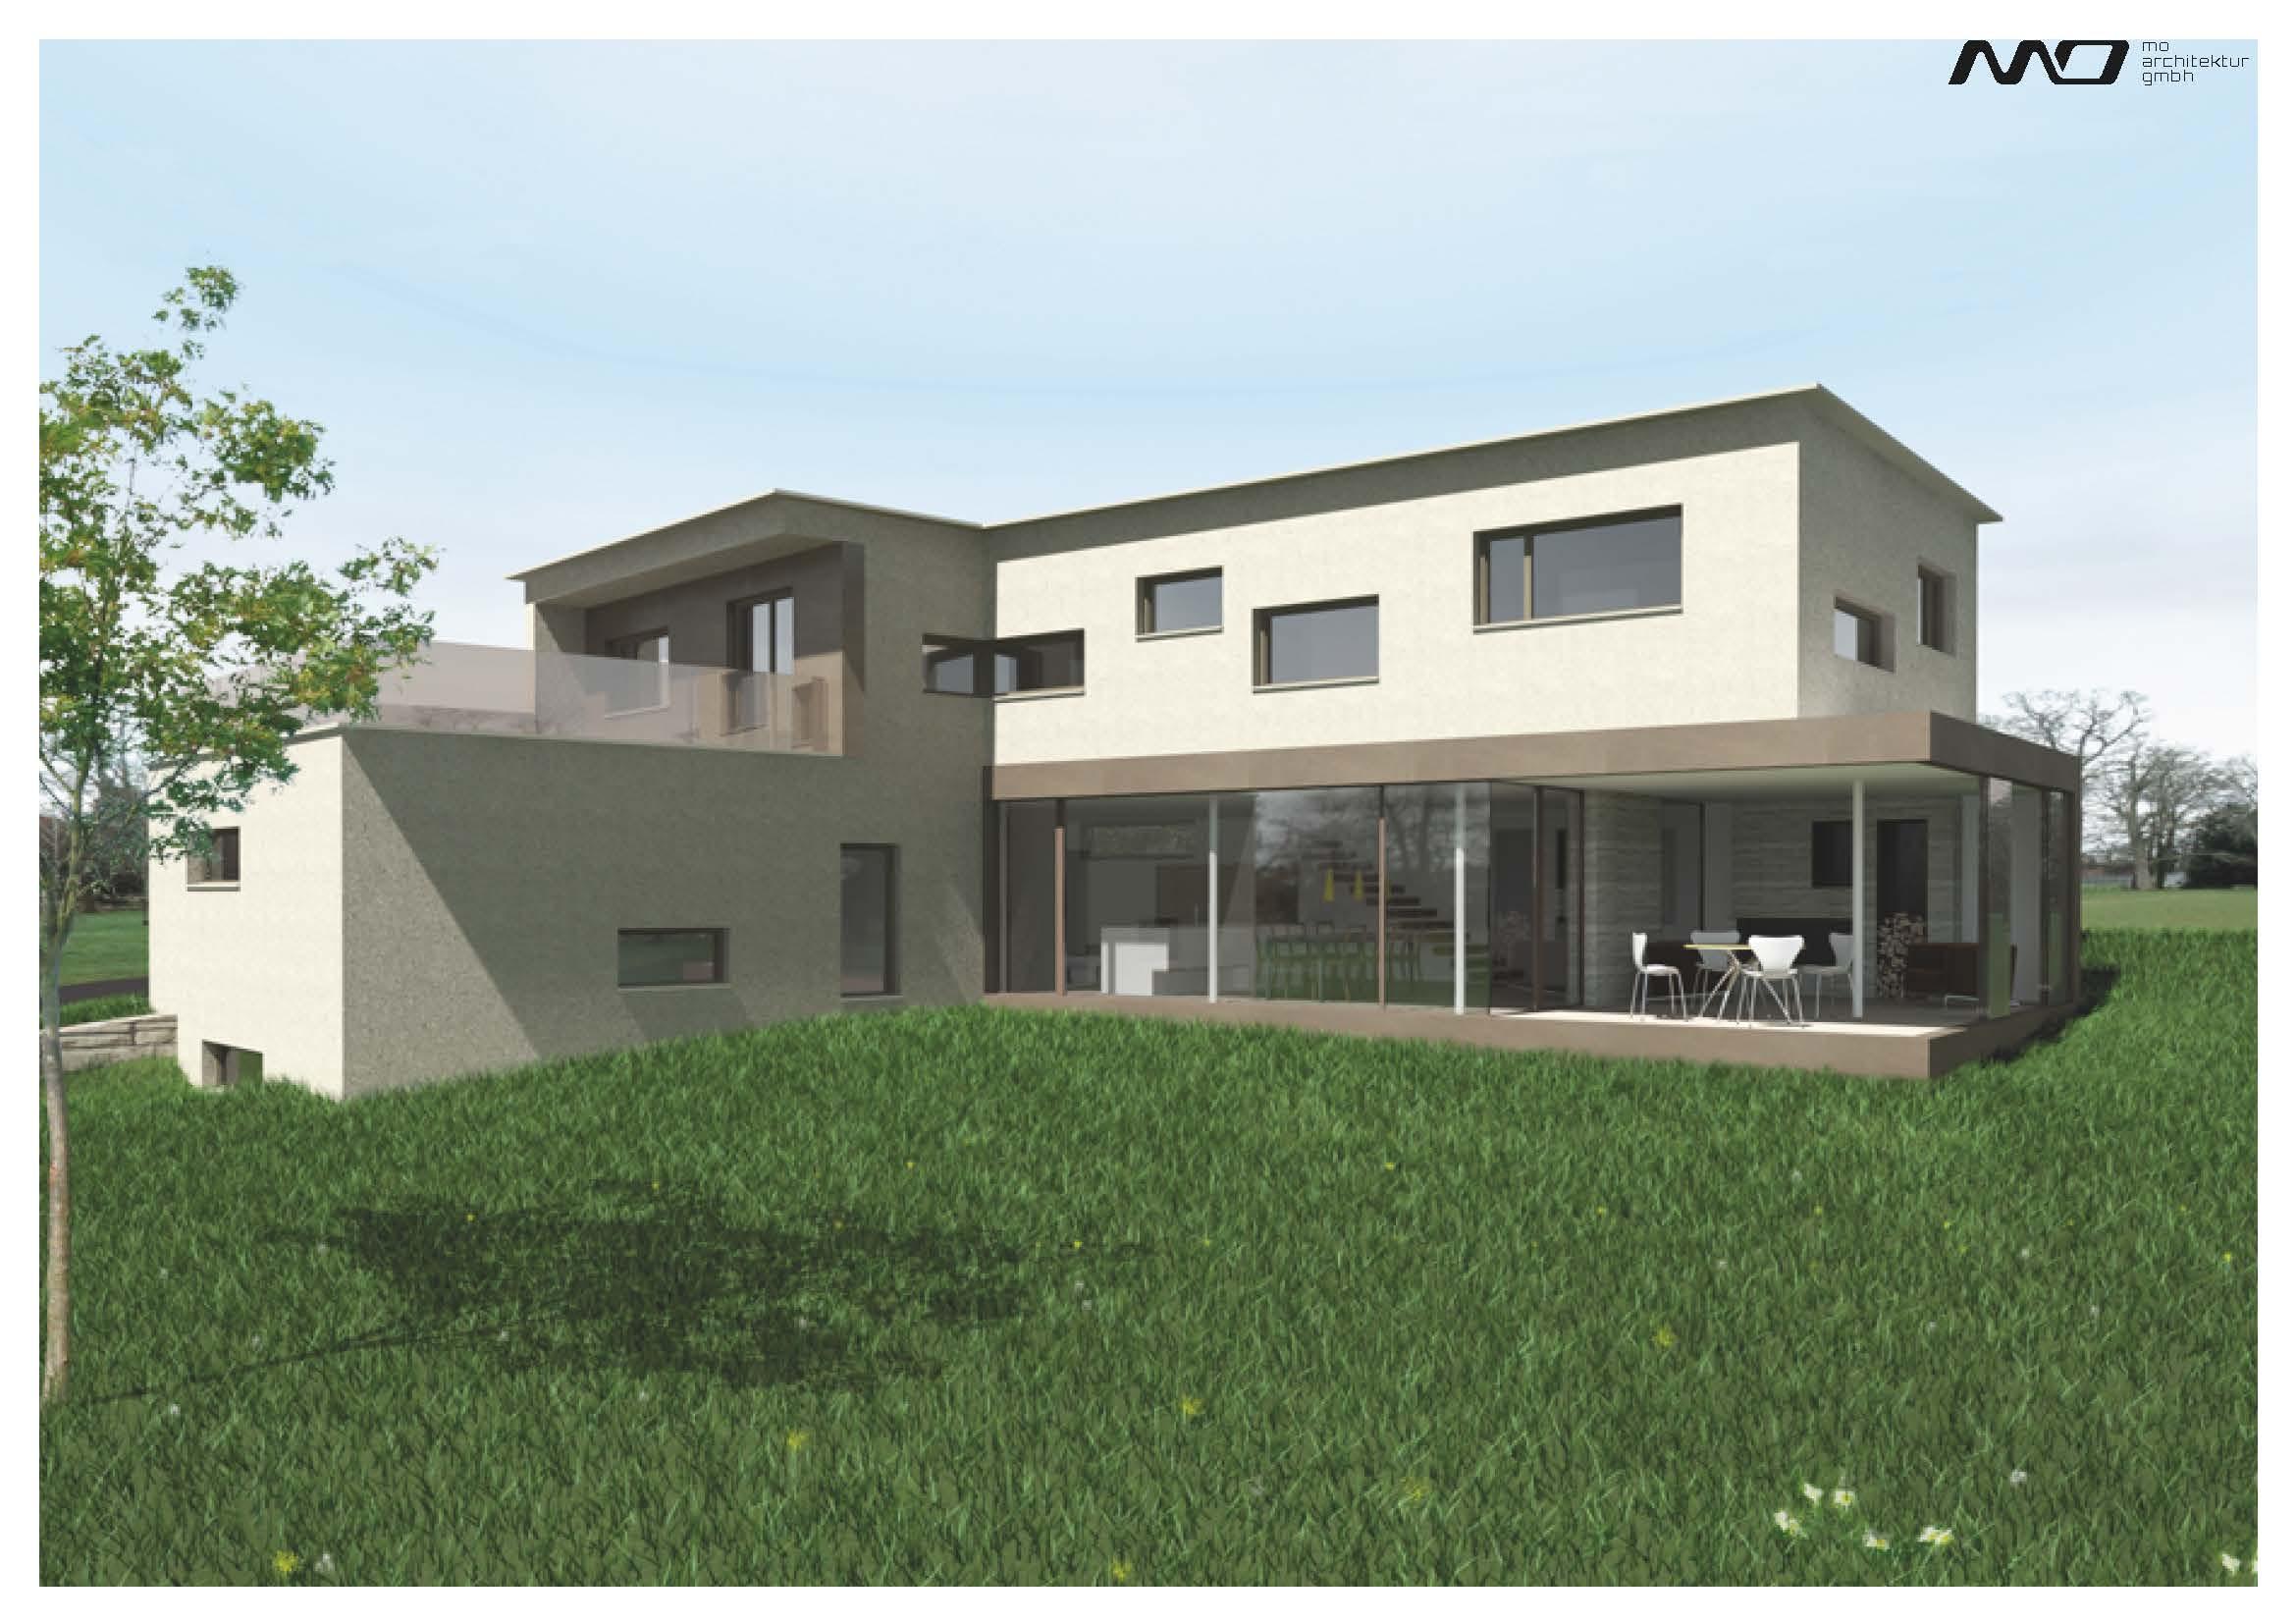 Konzept_MO-Architektur-Uznach-Linthgebiet-Ostschweiz_Visualisierung